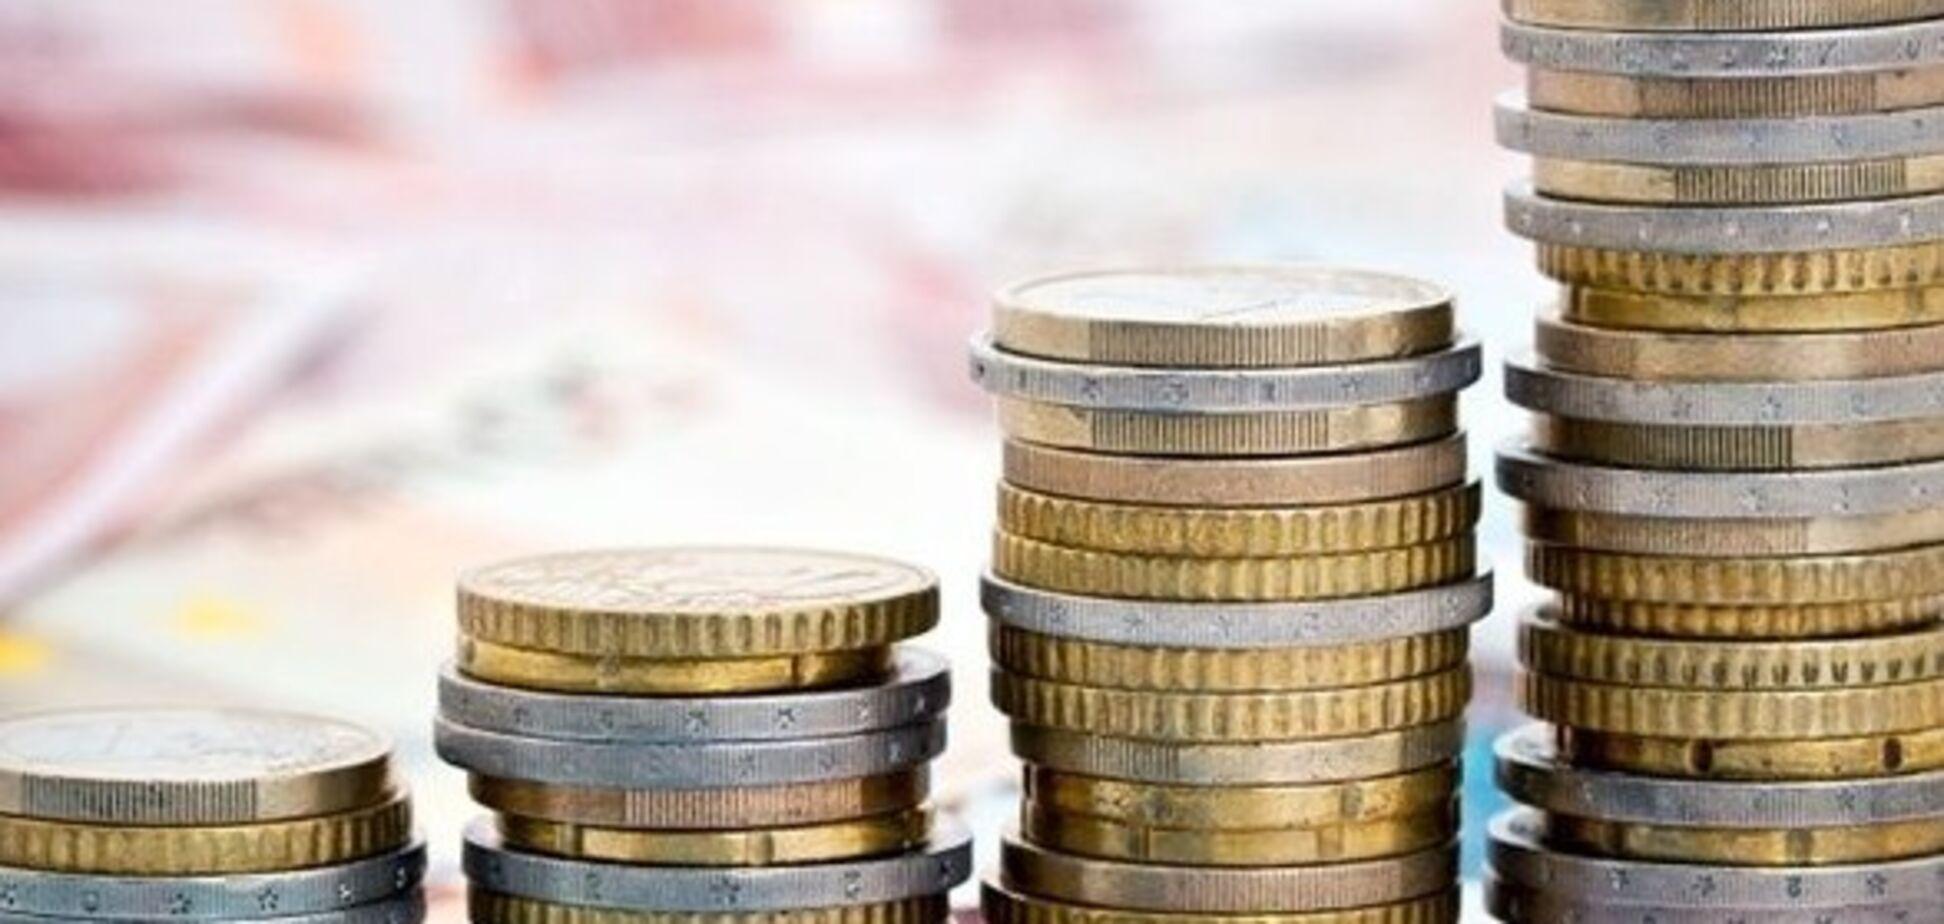 Экономике Украины предрекли рост: в правительстве дали прогноз на 2019 год